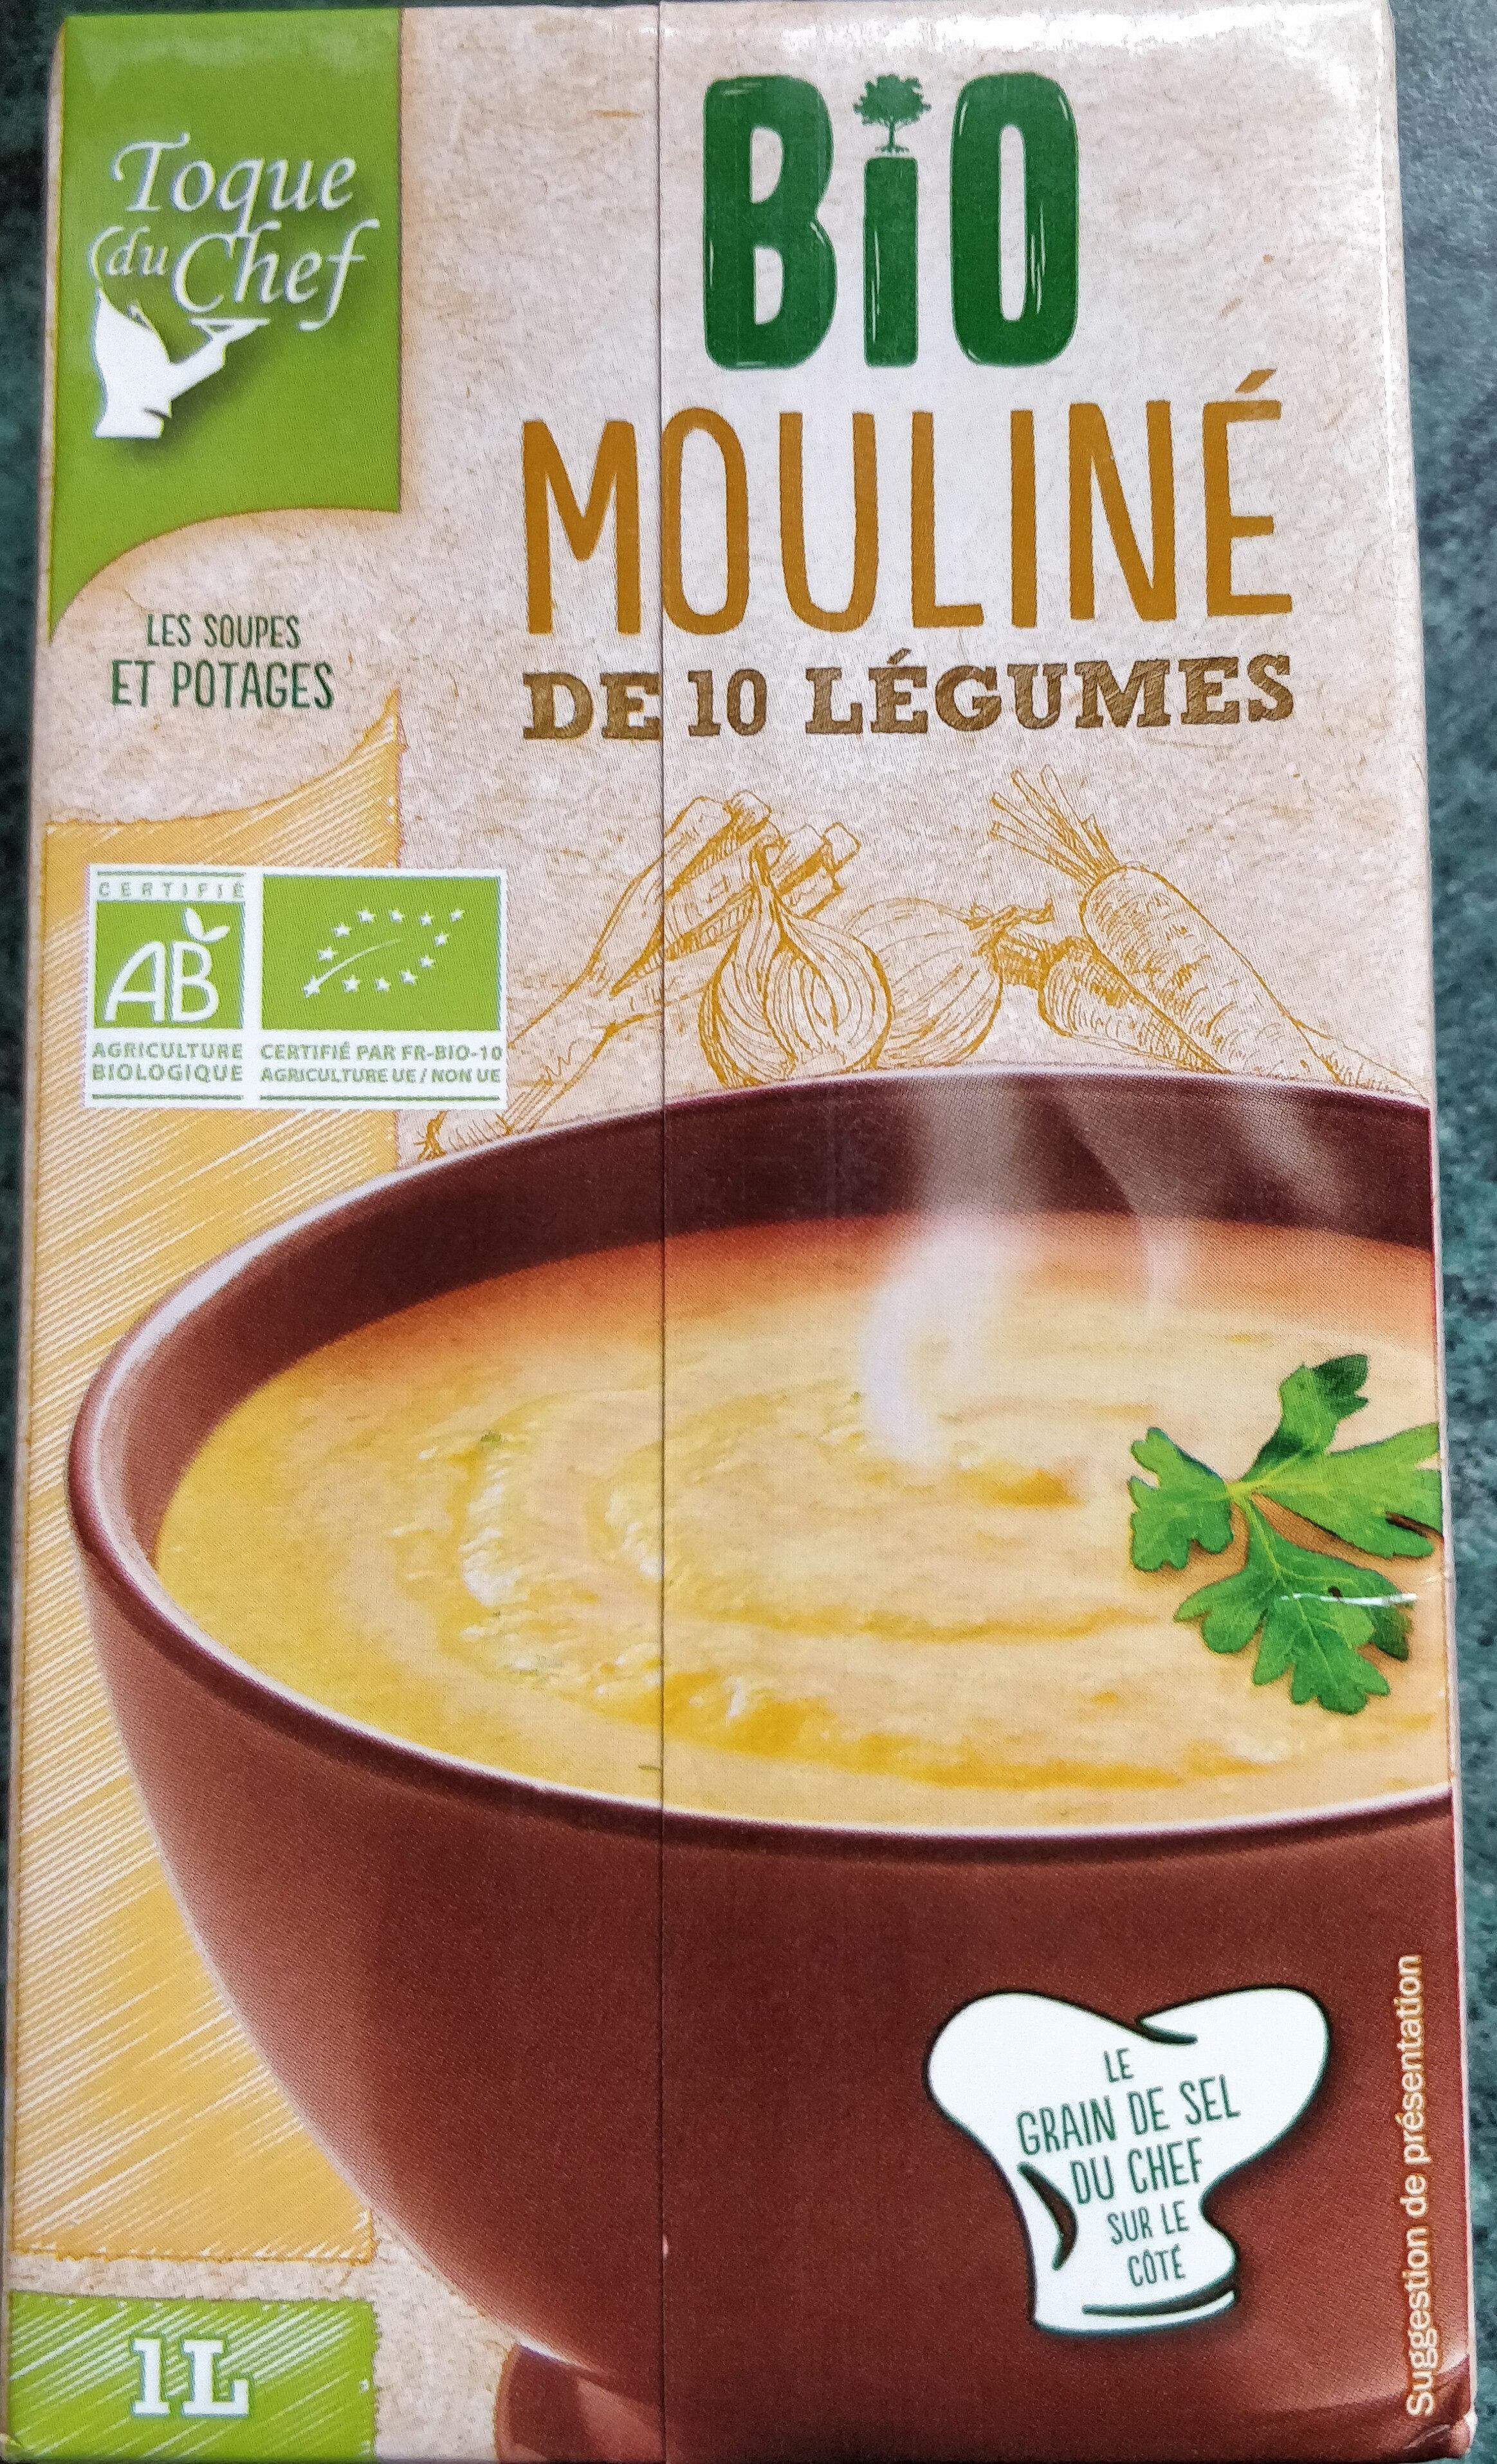 Bio mouliné de 10 légumes - Produit